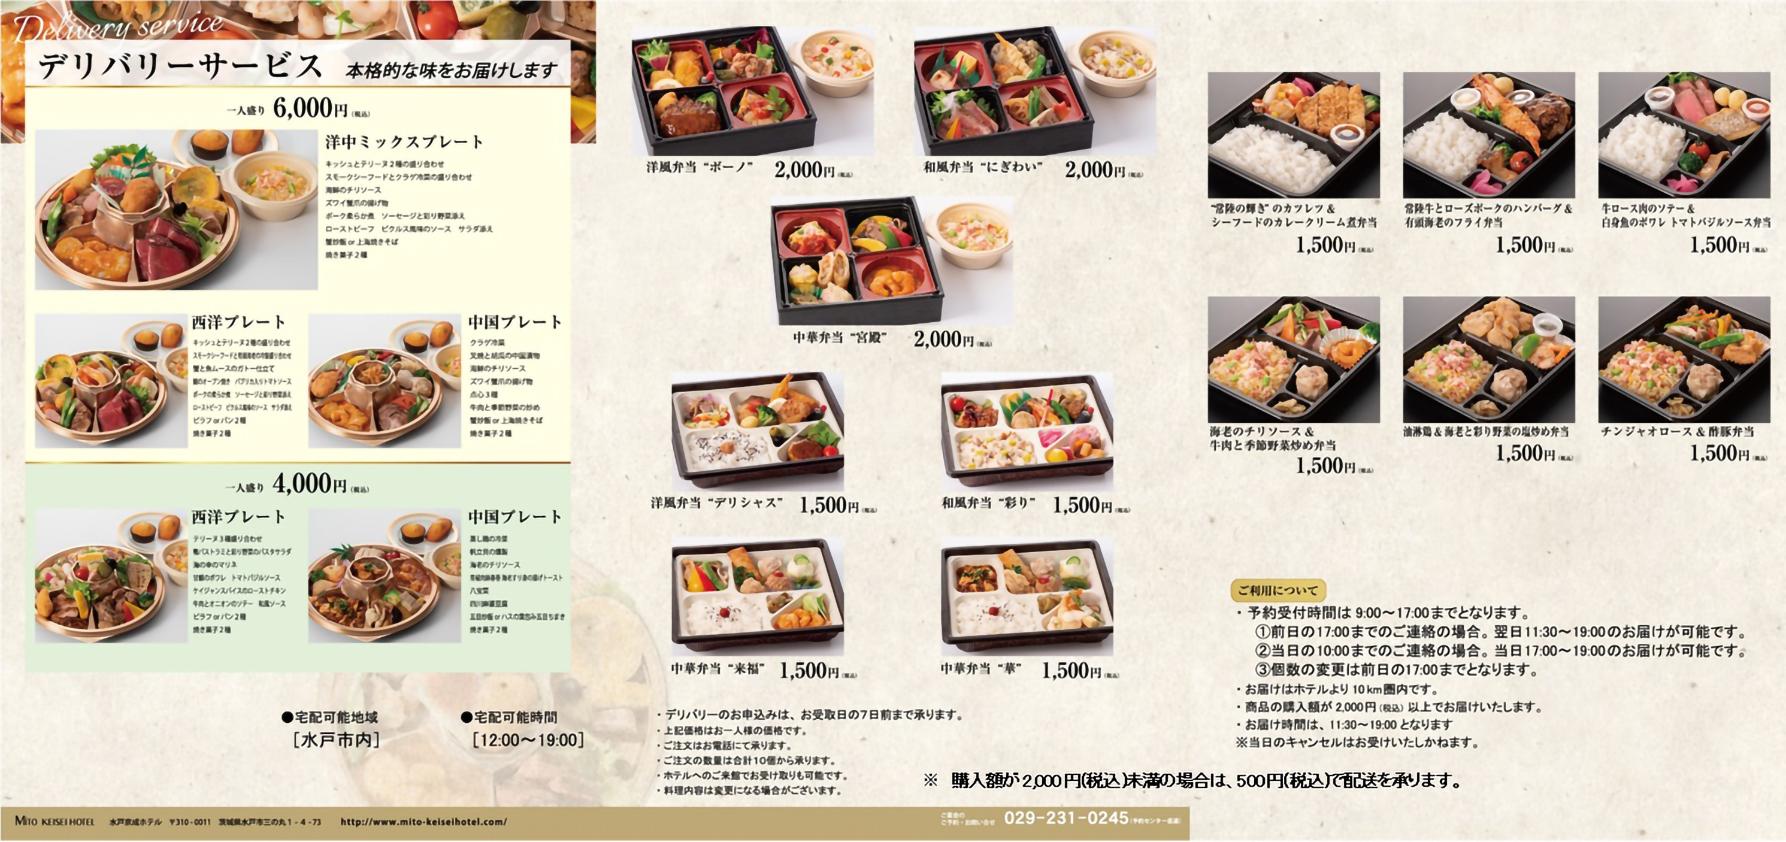 お弁当&各種プレートデリバリーサービス ホテルの本格的な味をお届けします